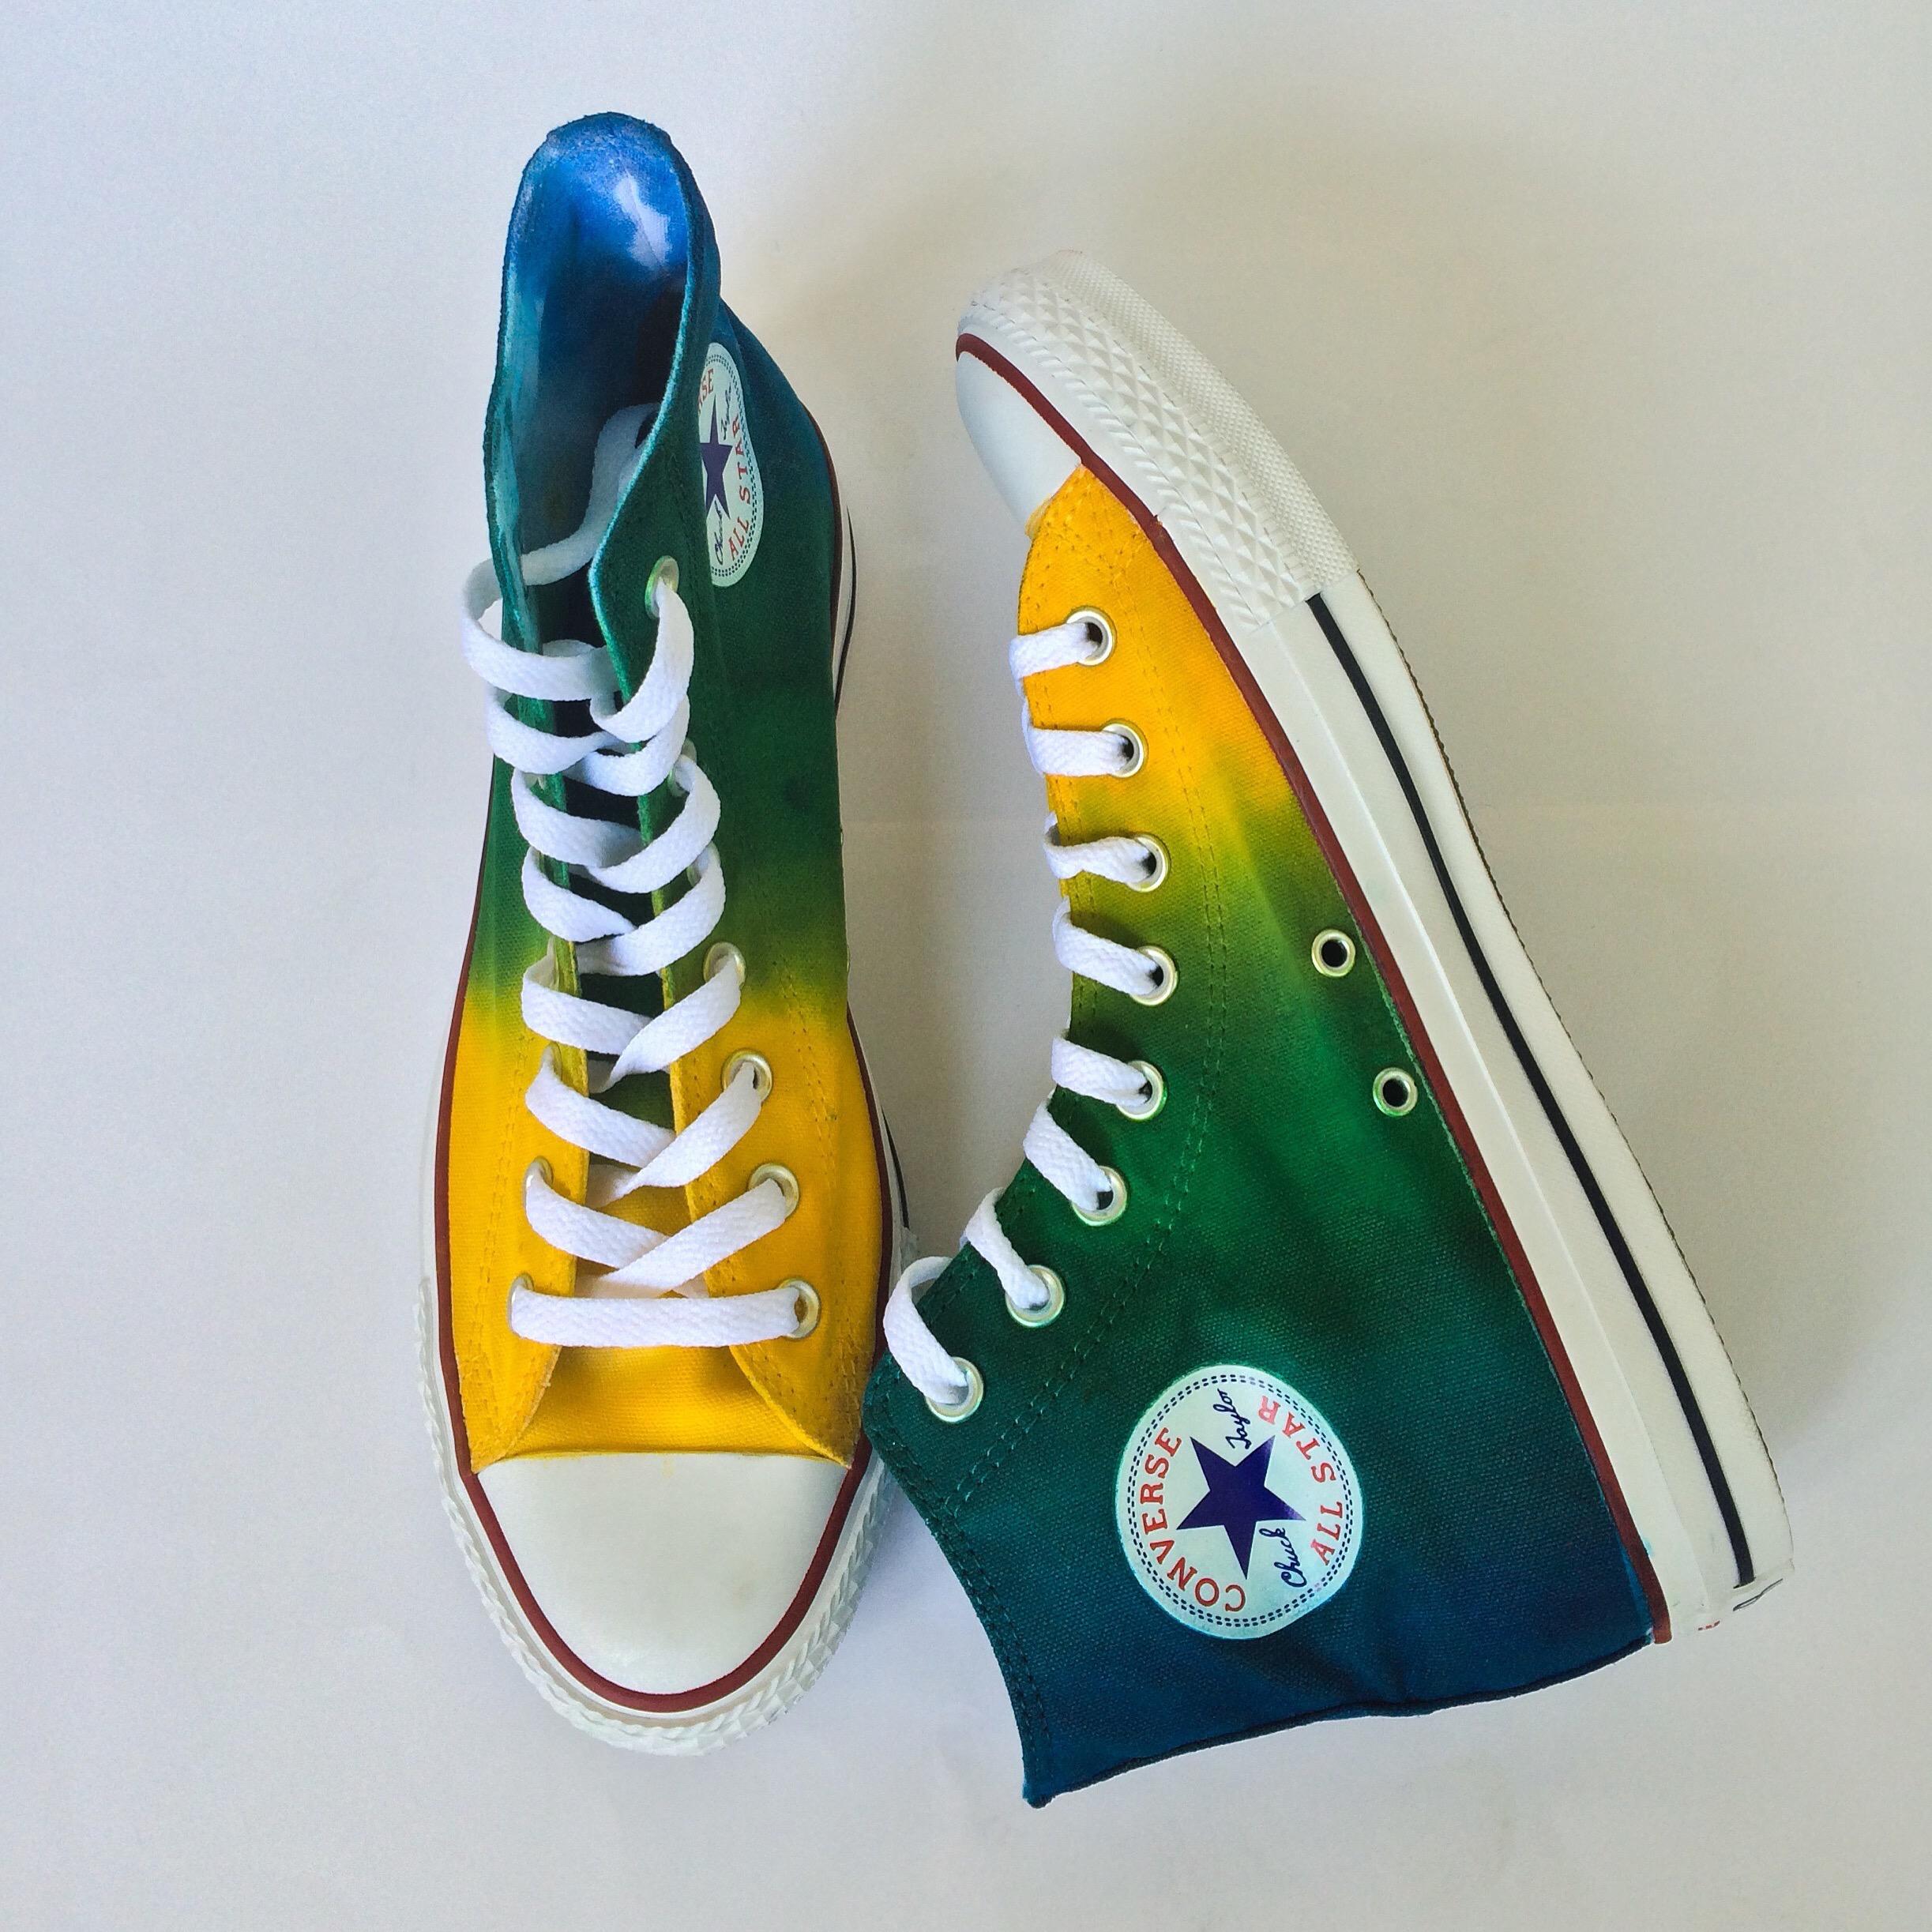 ca9aa9cffcc062 Dew Drops Tie Dye Converse